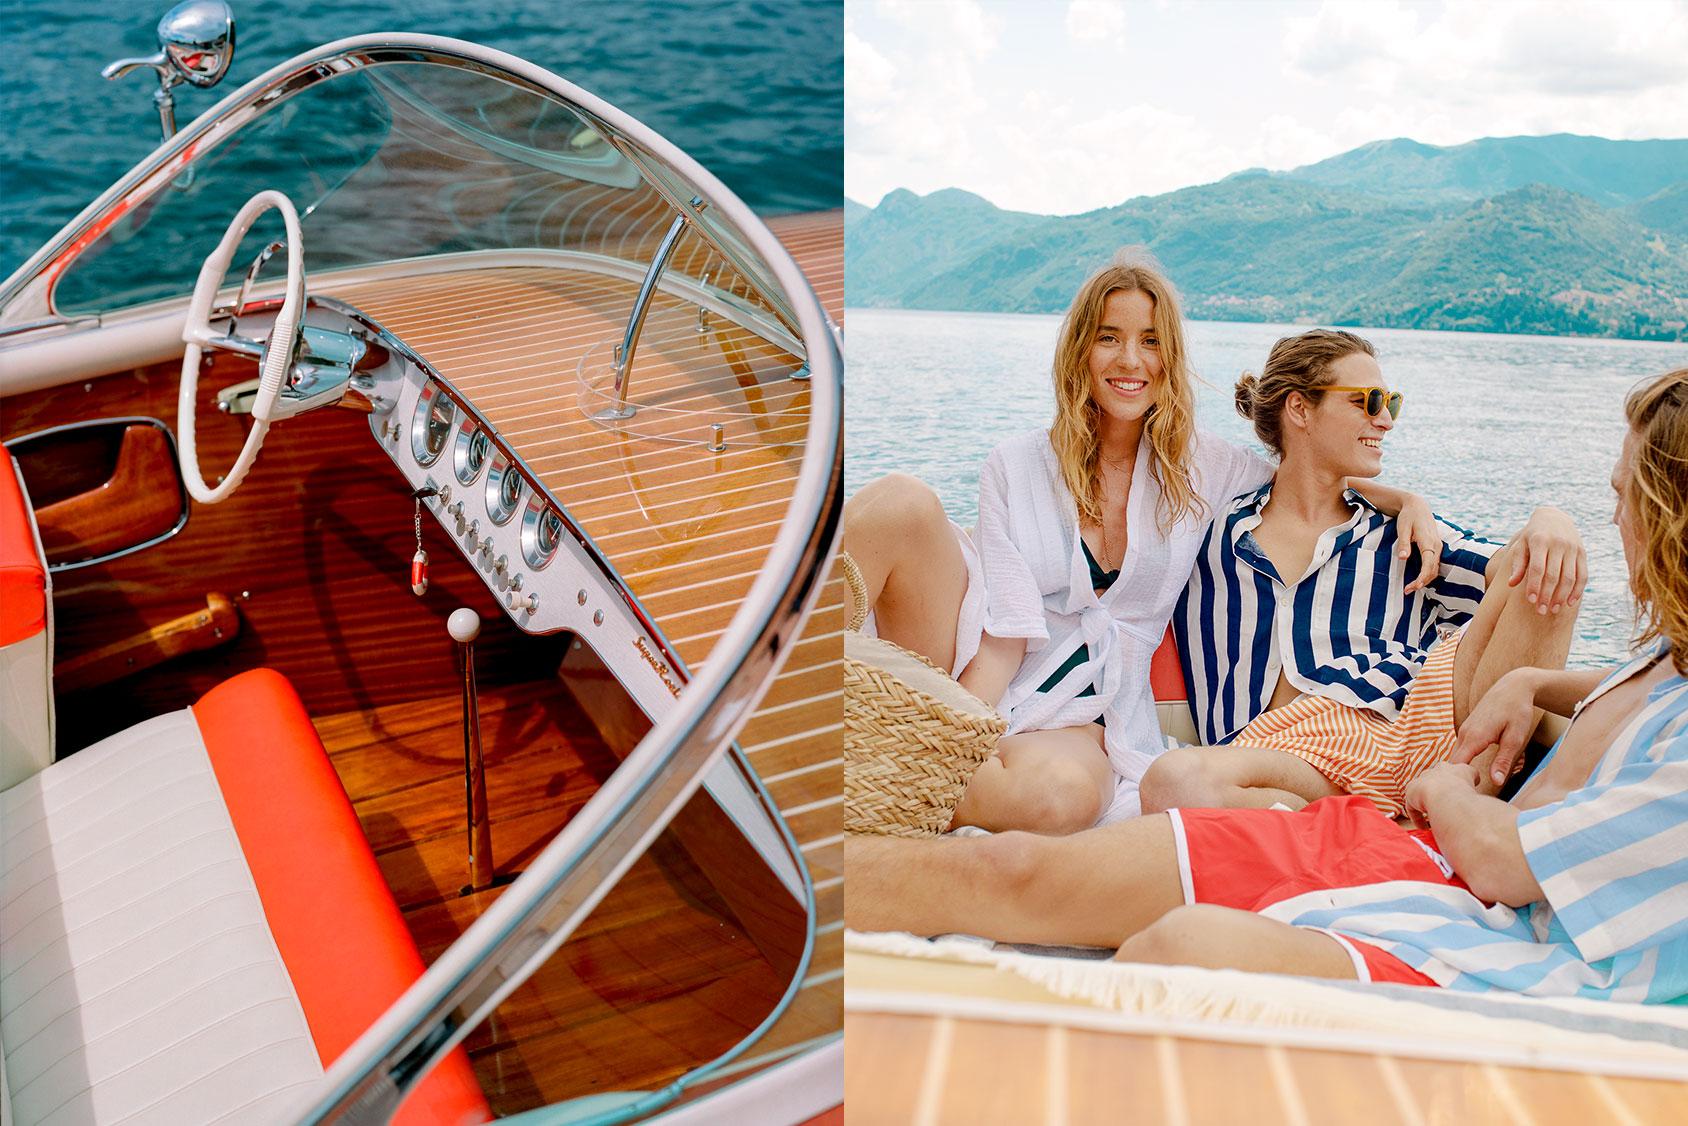 Paolo Faccio and Andrea Faccio Lake Como